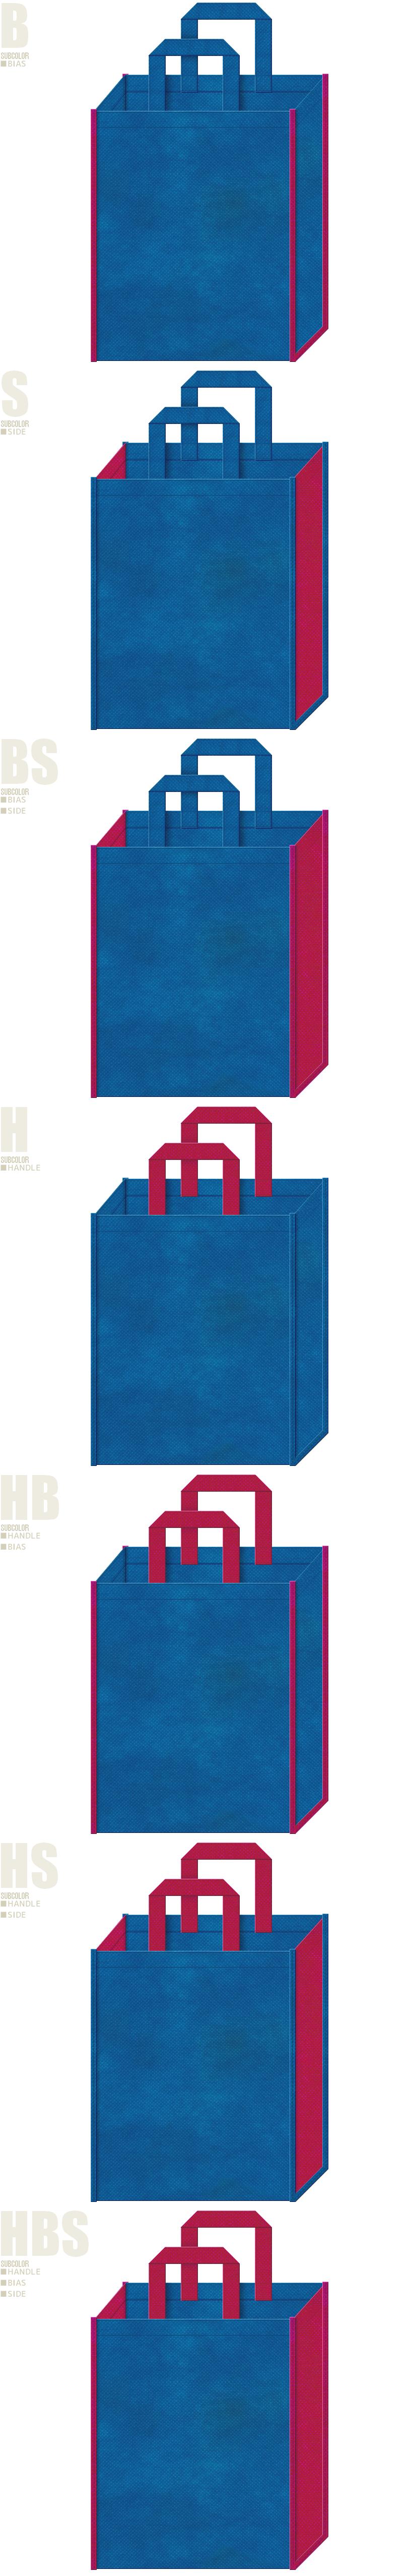 おもちゃ・テーマパーク・ロボット・ラジコン・ホビーの展示会用バッグにお奨めの不織布バッグデザイン:青色と濃いピンク色の配色7パターン